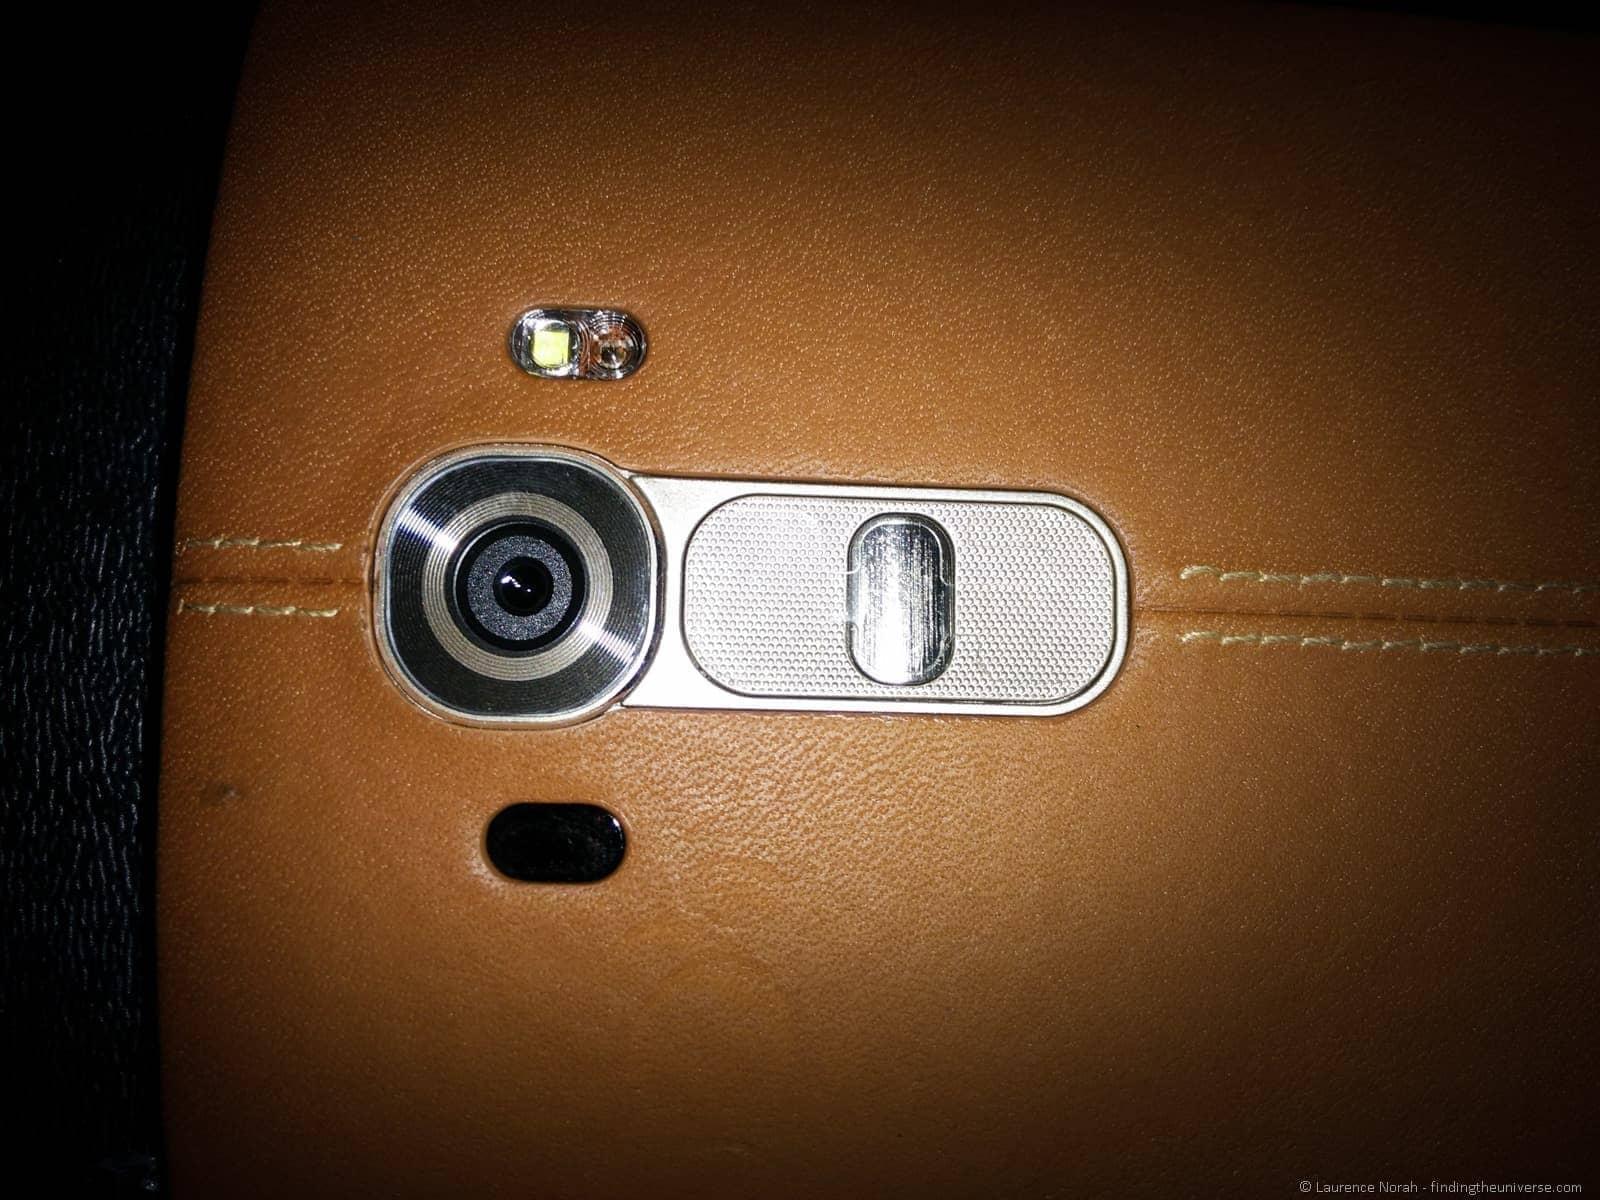 LG G4 camera close up